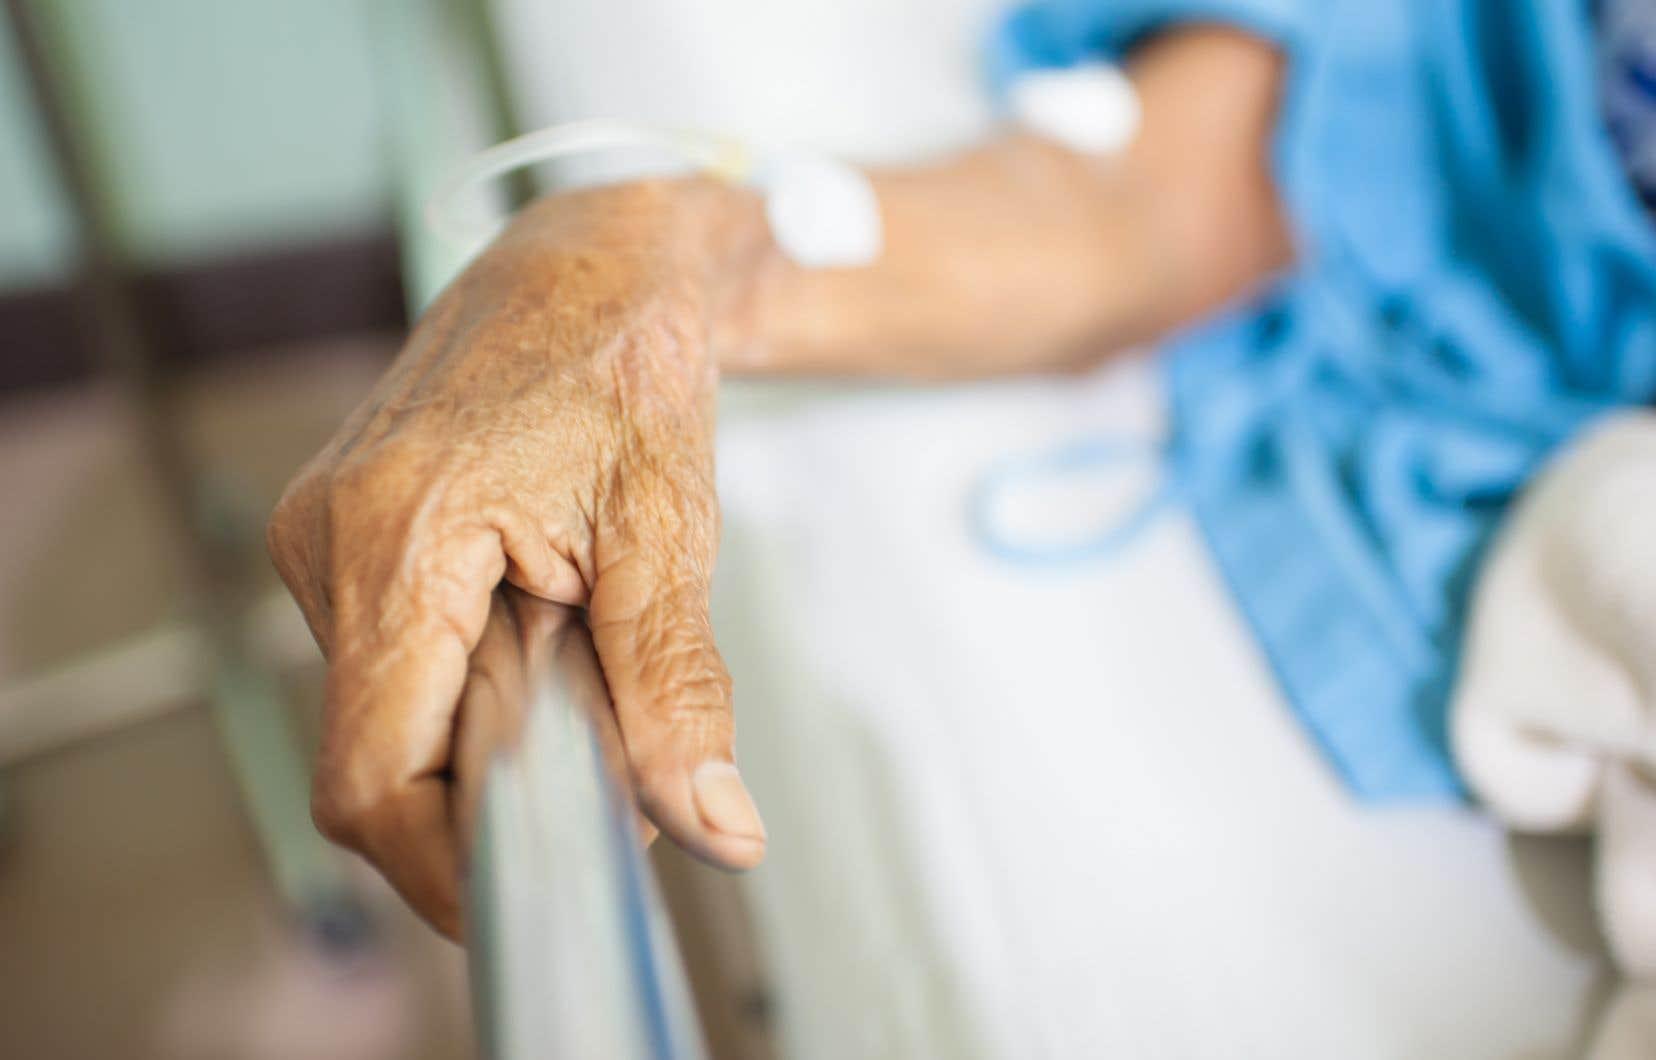 «Nous ne voulons pas que nos patients vulnérables soient encore plus en péril qu'ils ne le sont déjà», écrivent les auteurs.